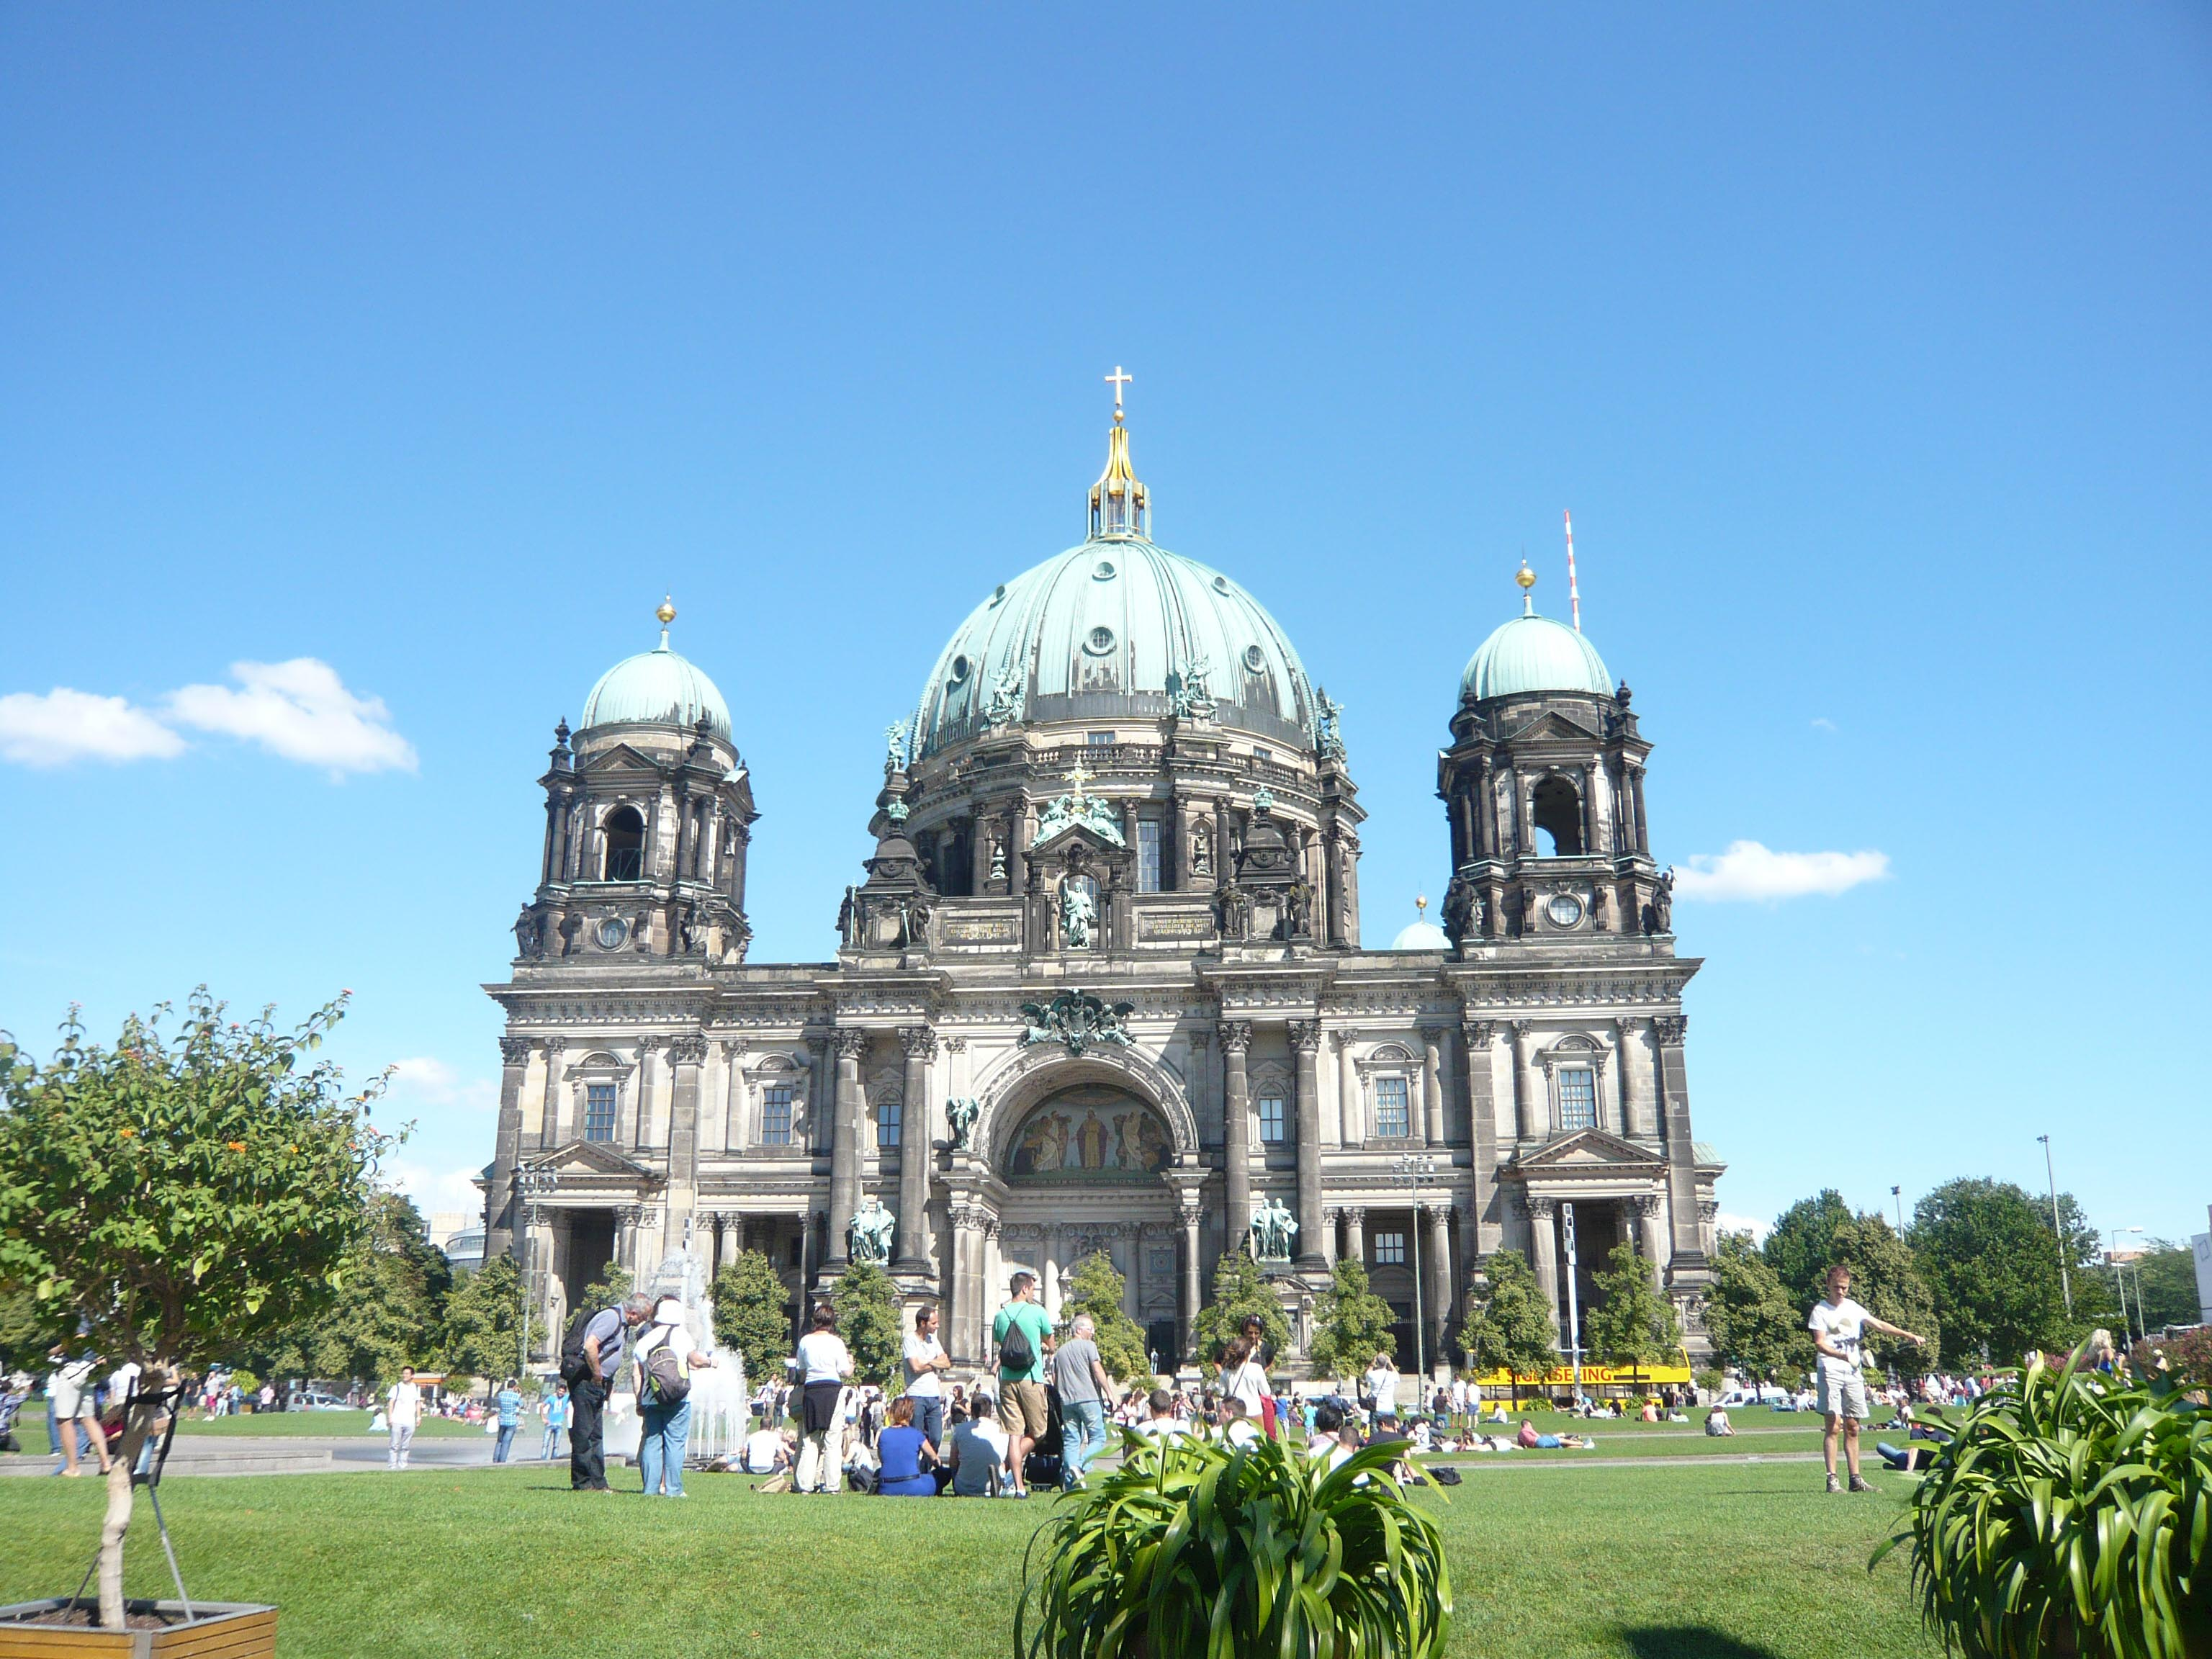 Berlin Sehenswürdigkeiten Reiseblog Berlin Eindrücke Brinisfashionbook Berliner Dom-2